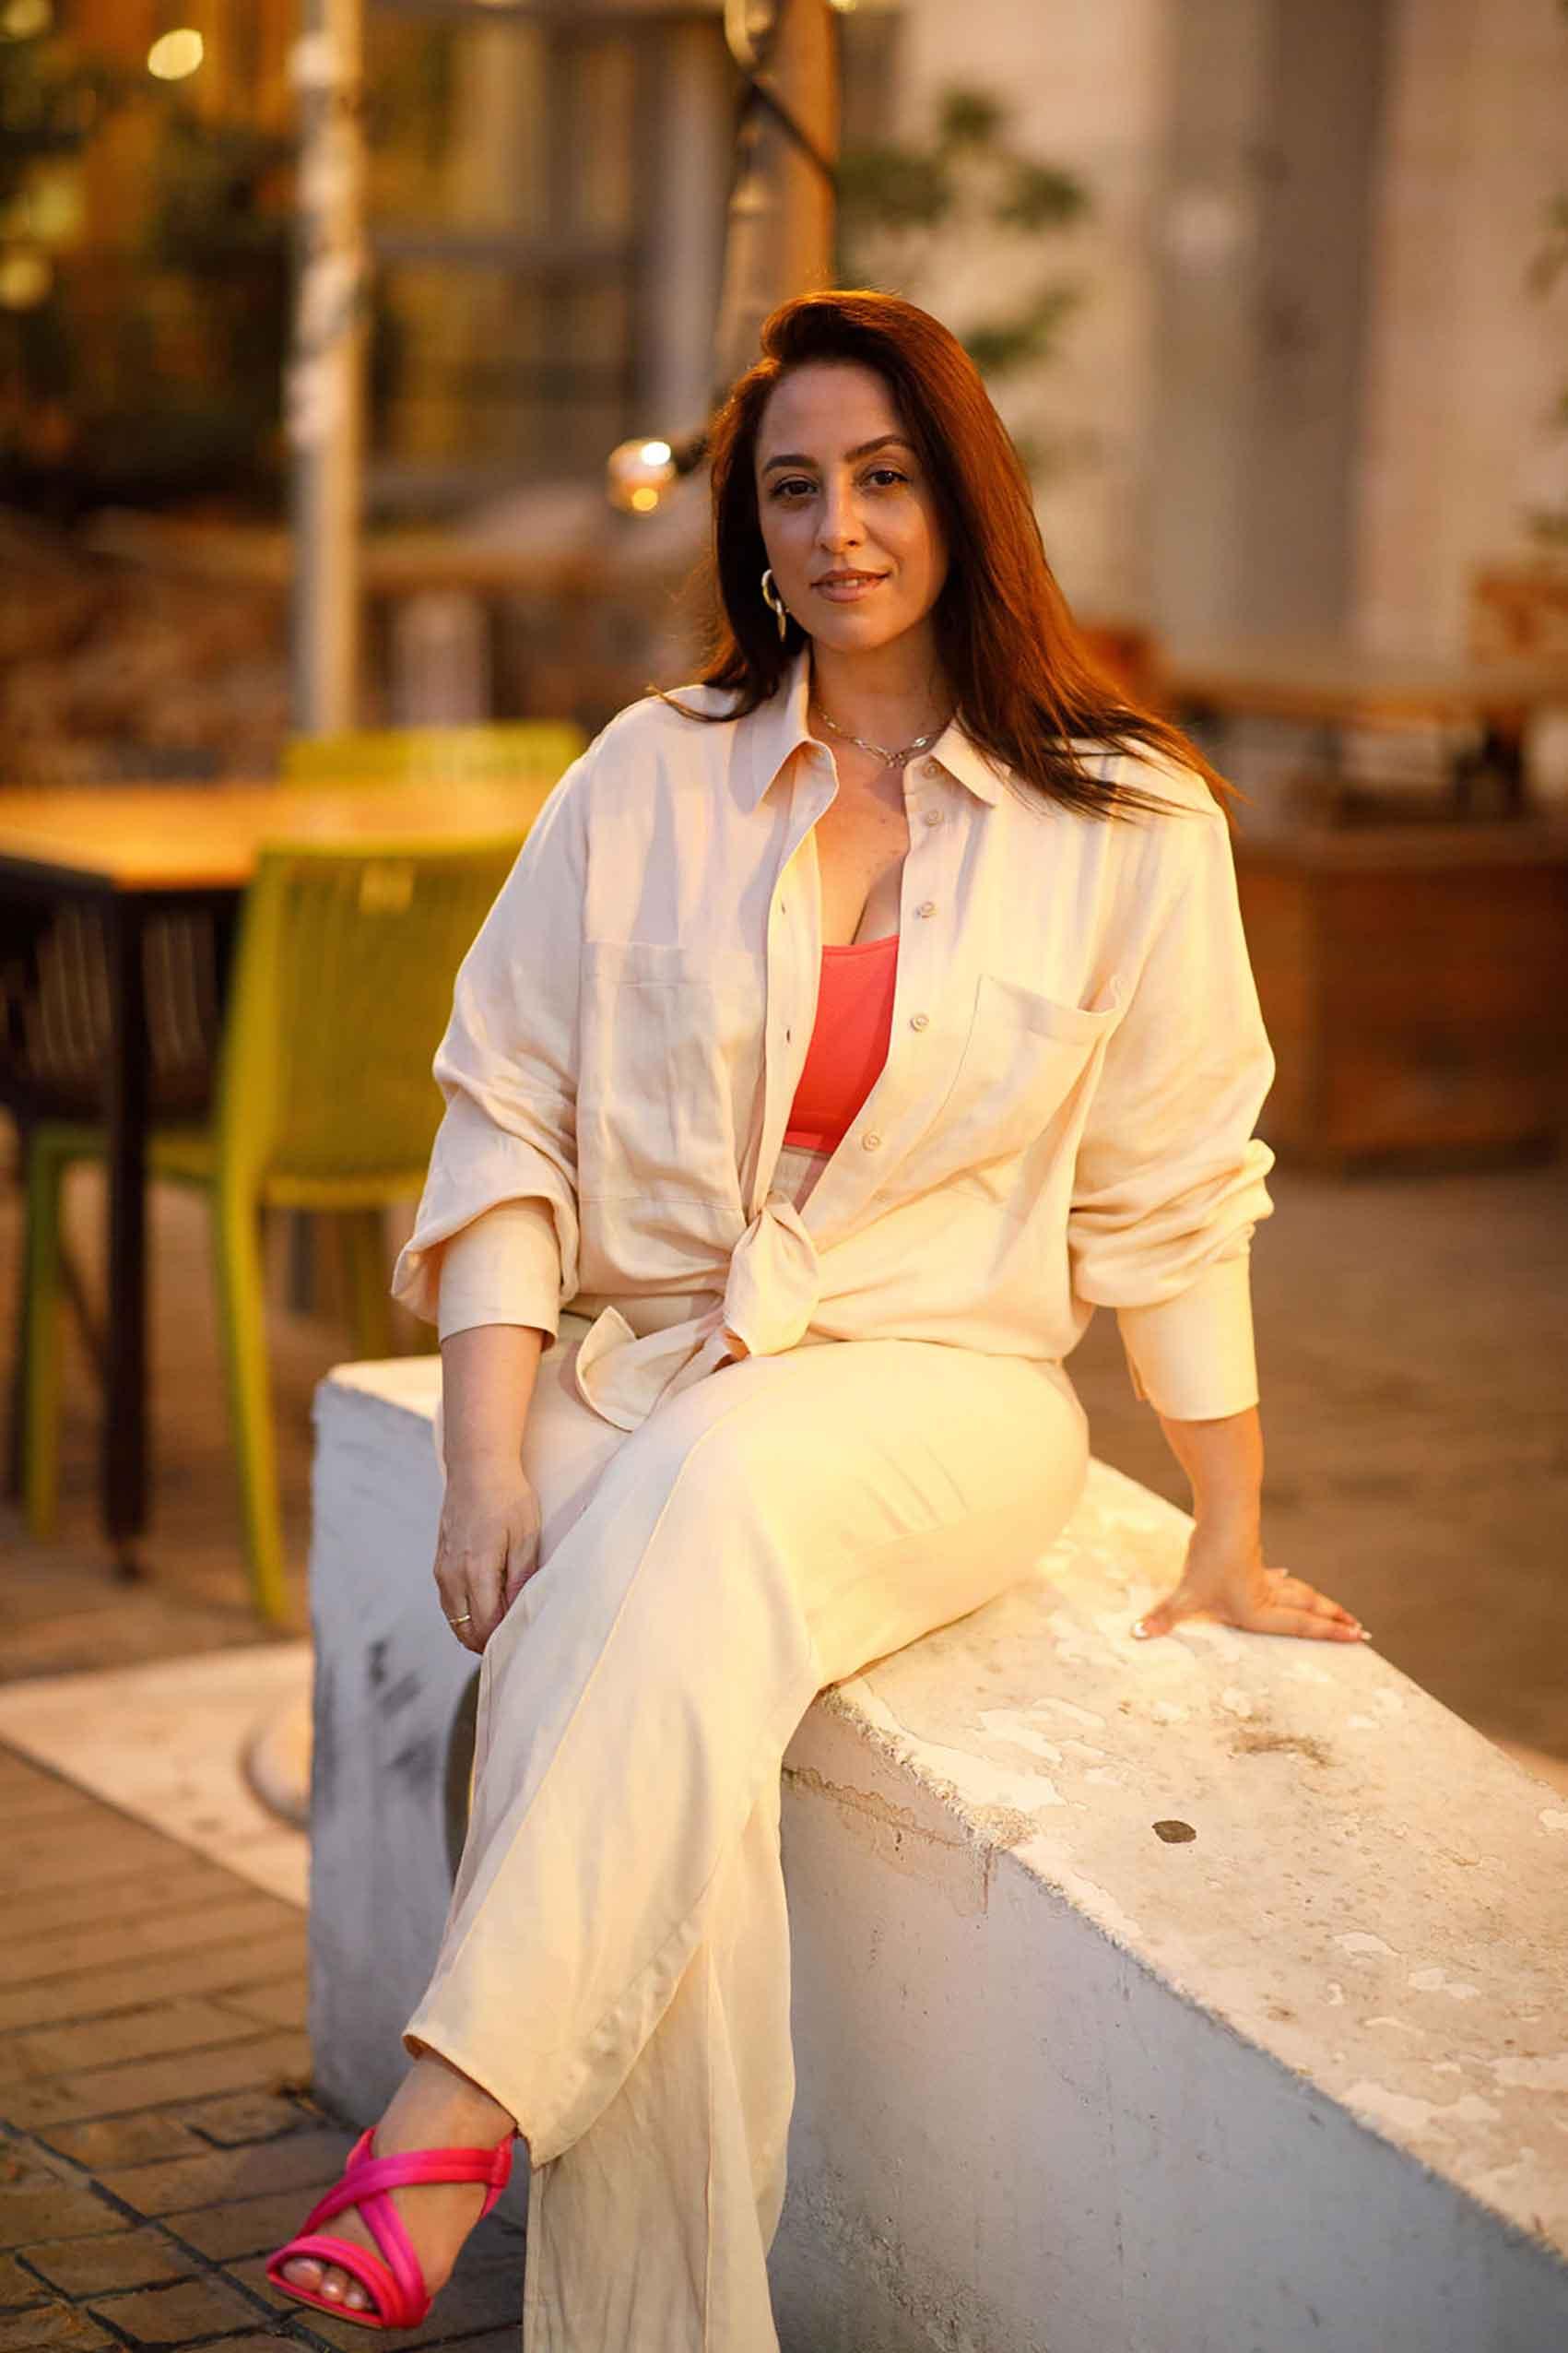 היום השישי. טלי ארבל ל H&M ישראל, צילום: לילך זמיר טאץ' לוהט לחתימת האתגר! עם צבעוניות עזה של כתום-ניאון בטופ וסאטן וורוד בנעליים. - 1